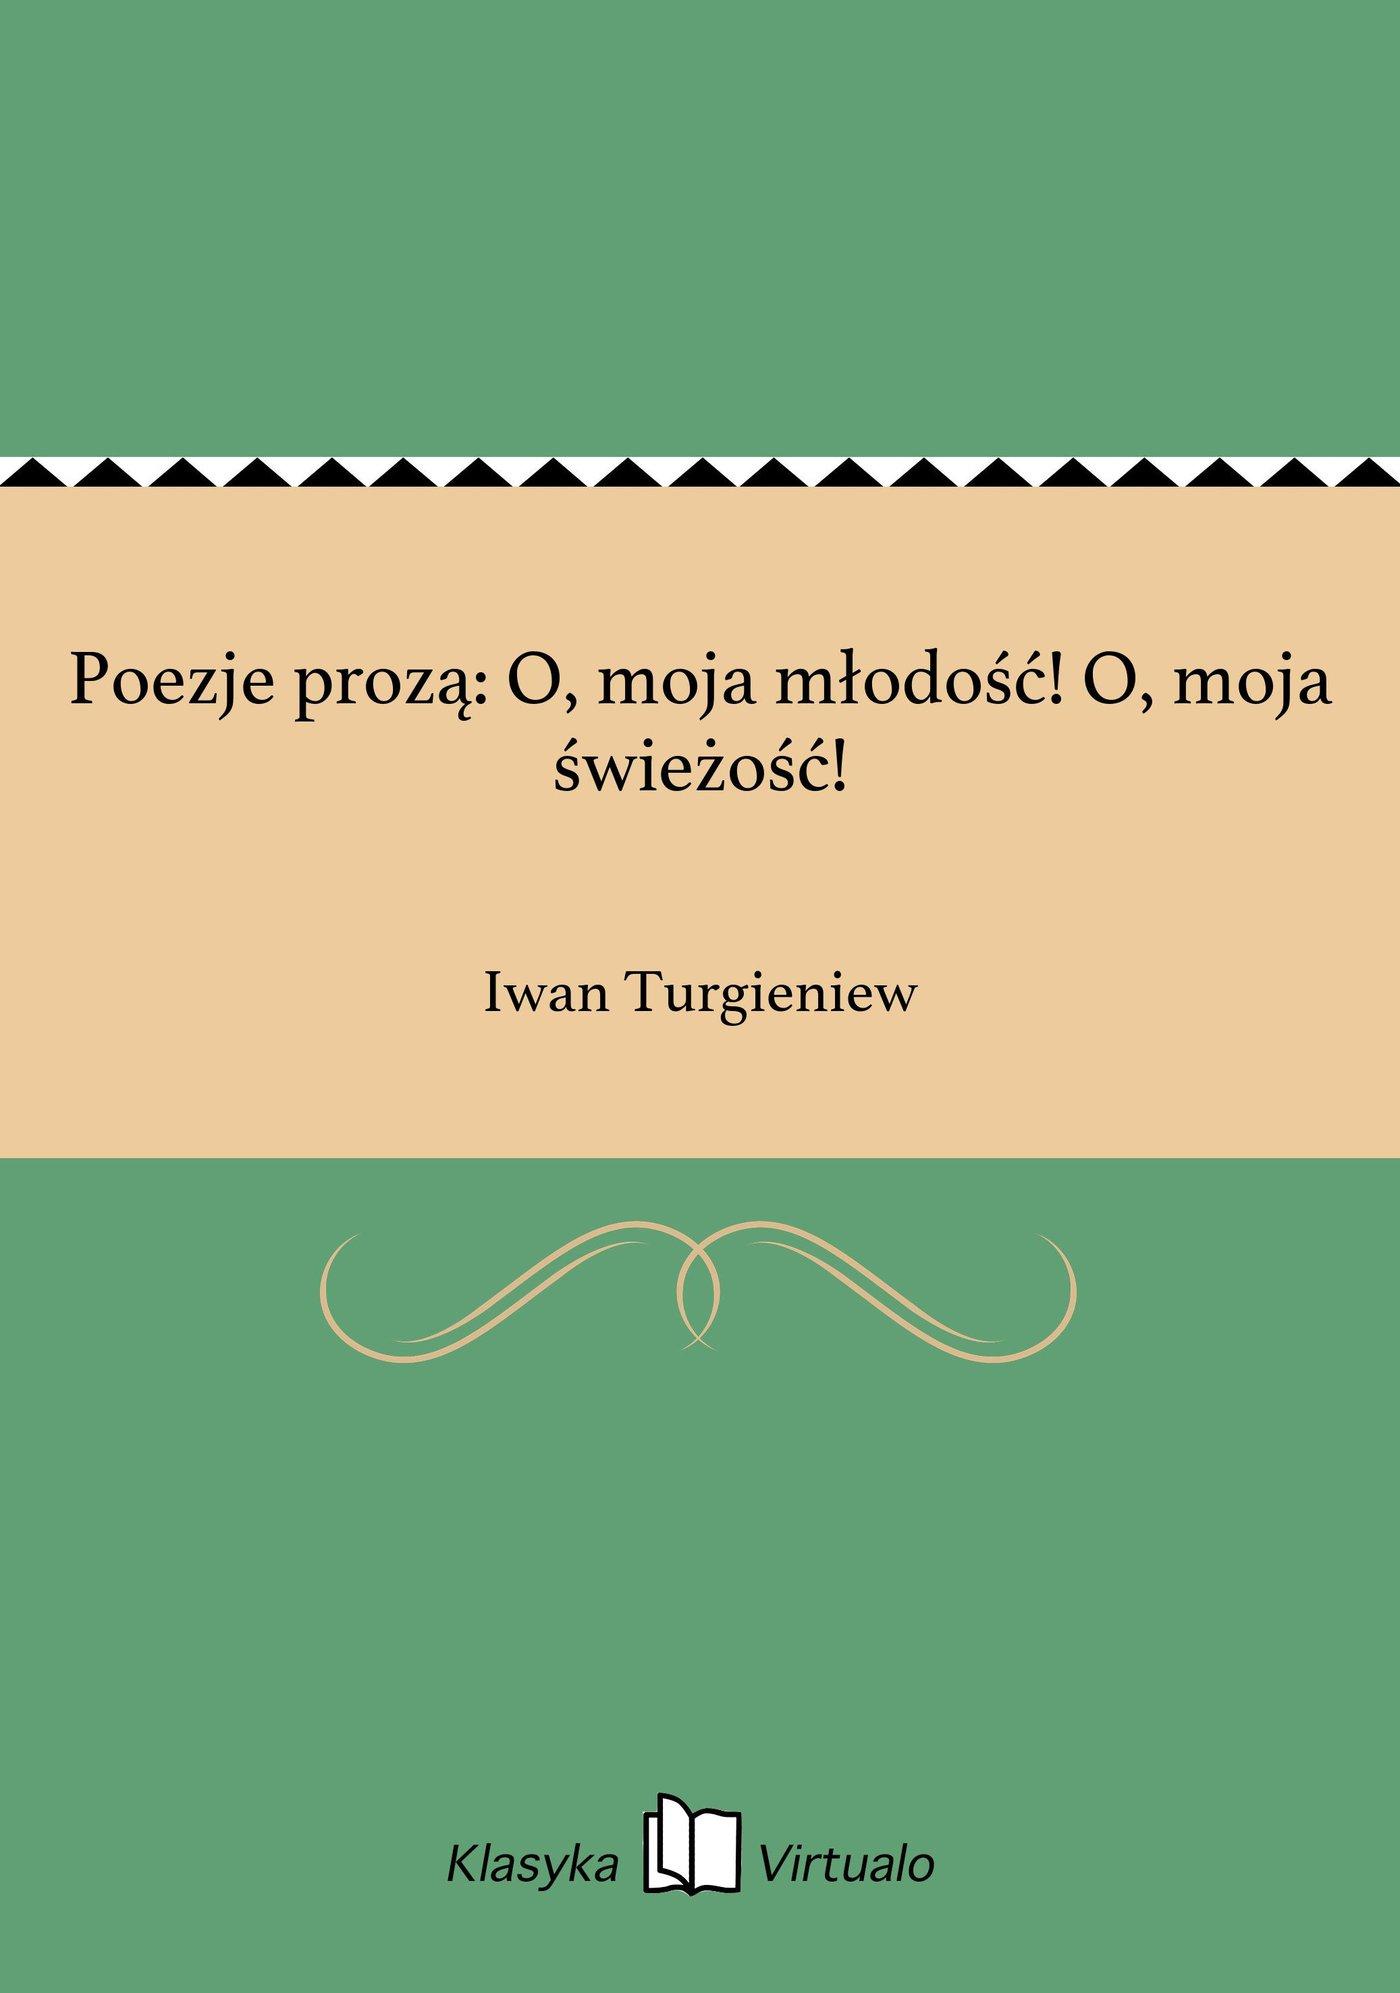 Poezje prozą: O, moja młodość! O, moja świeżość! - Ebook (Książka EPUB) do pobrania w formacie EPUB